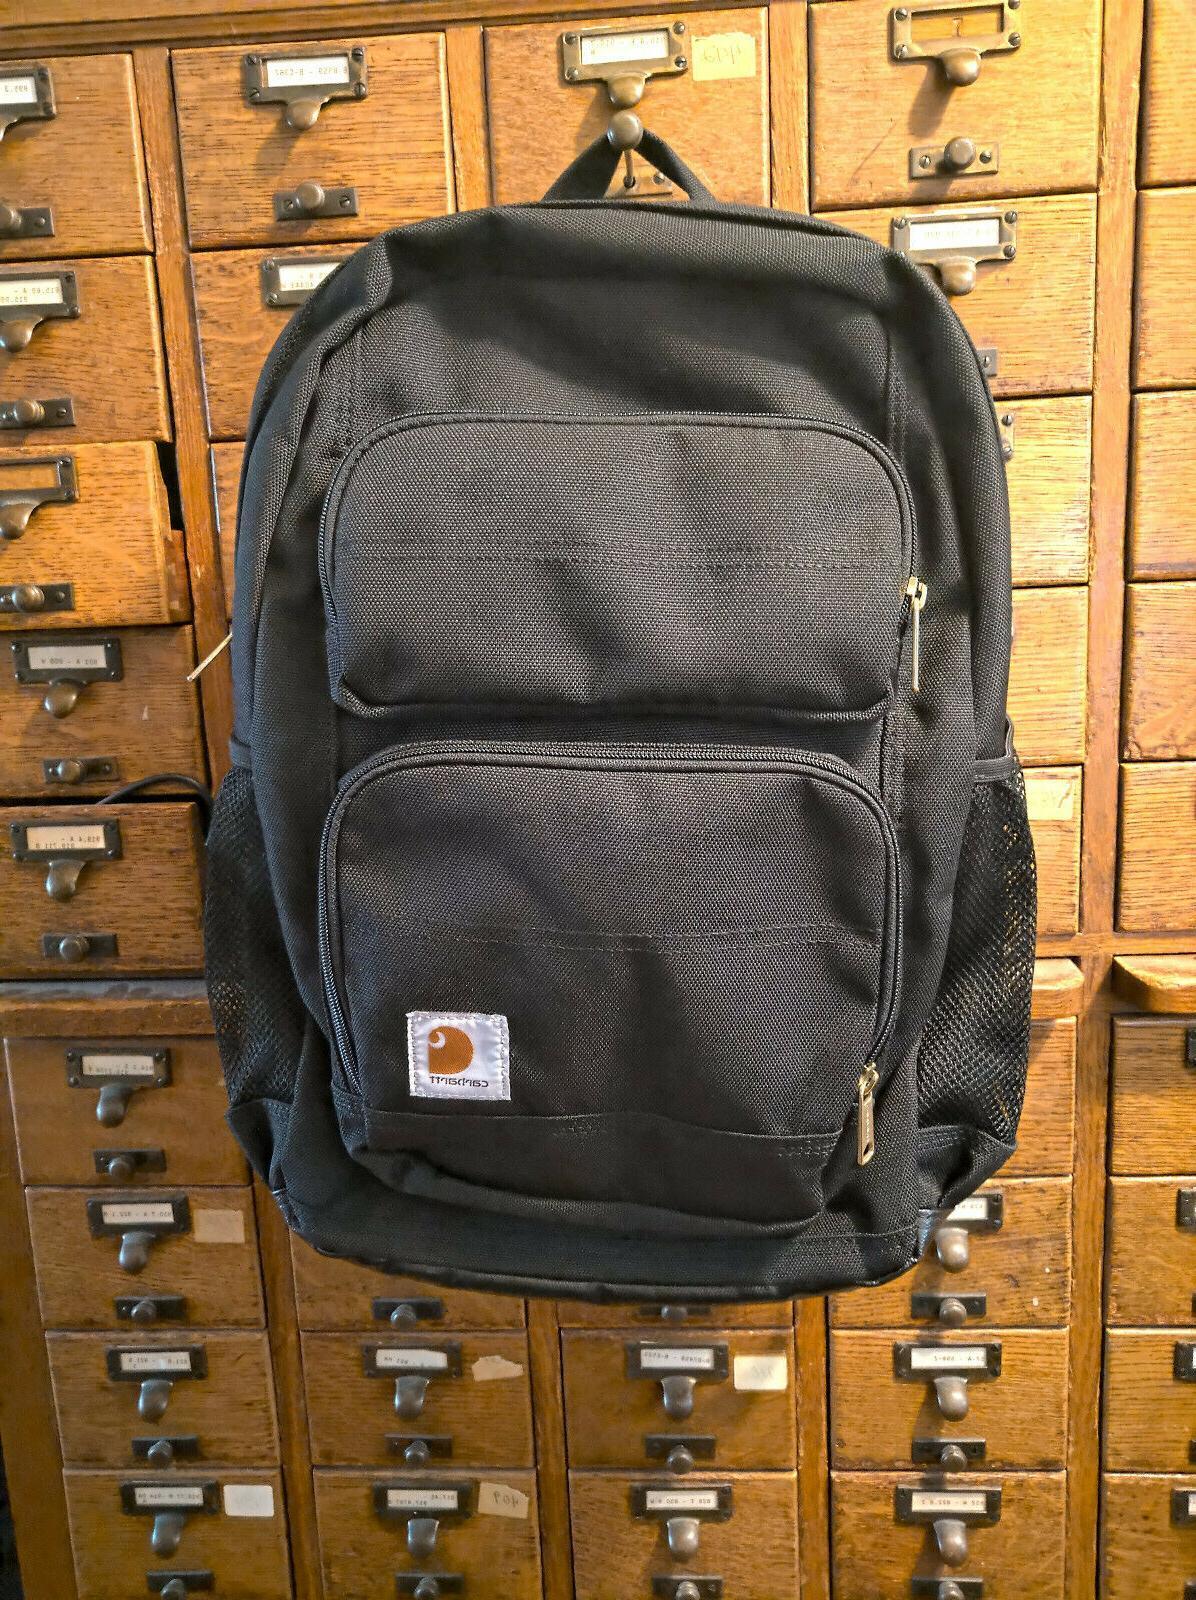 legacy standard work backpack bag black rain